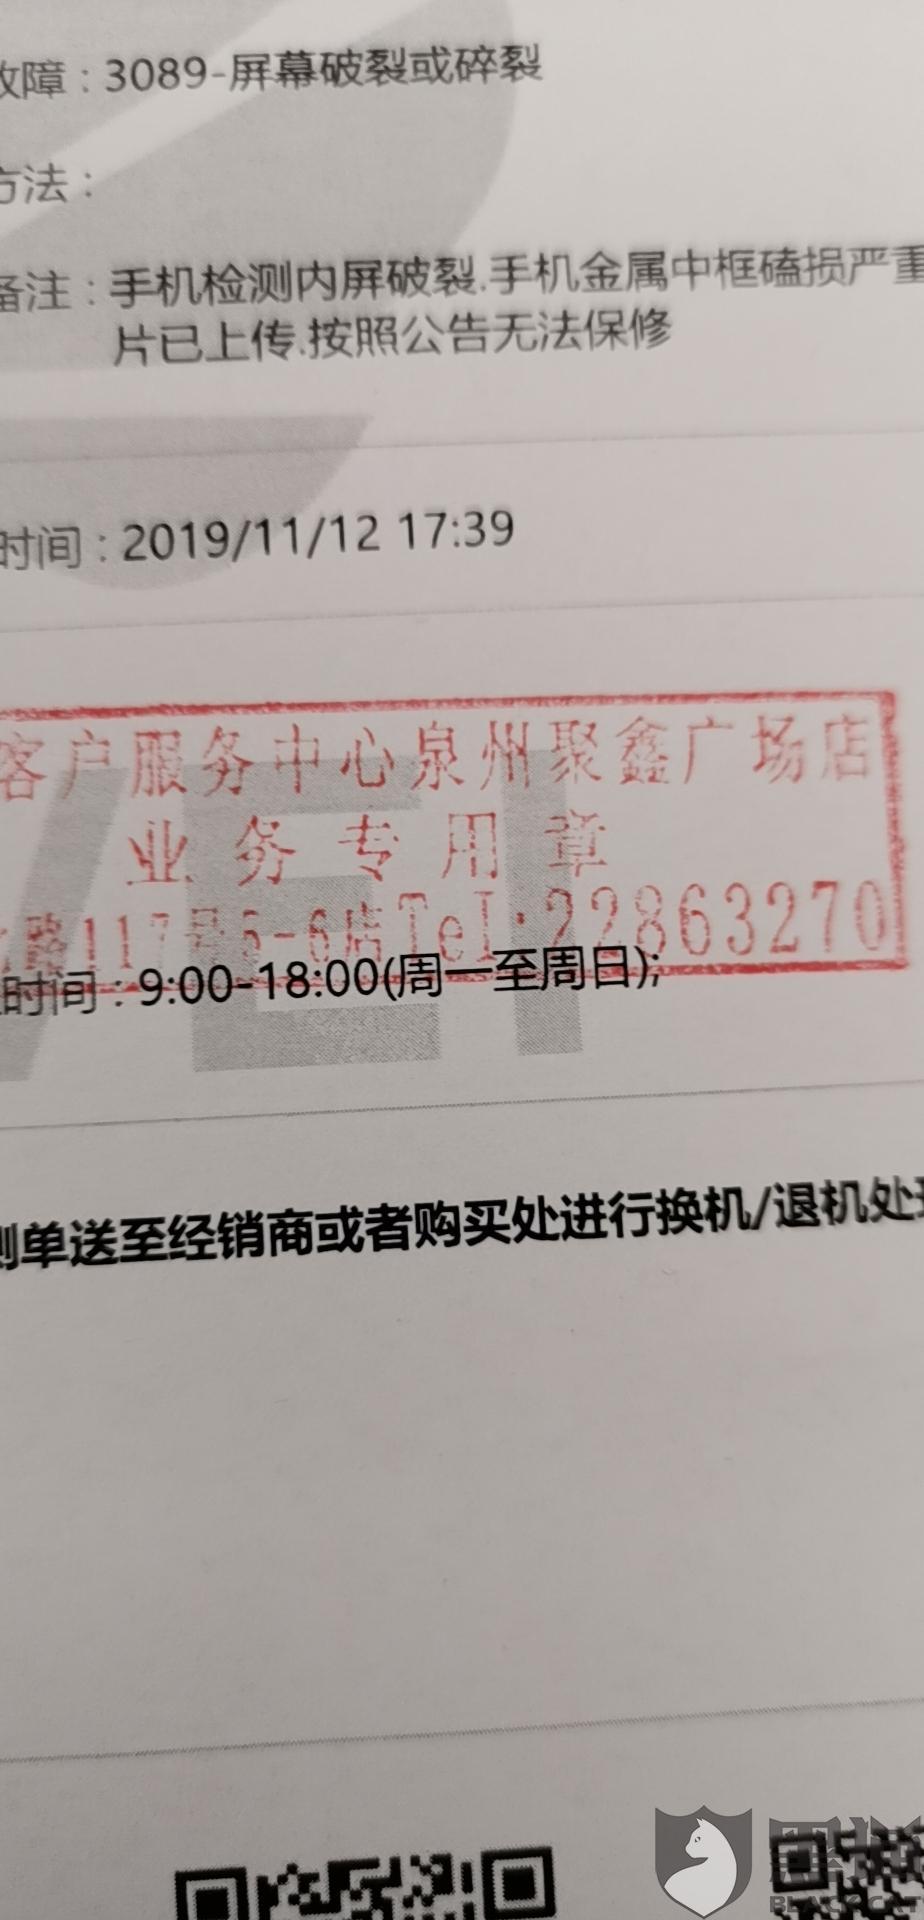 黑猫投诉:华为终端客服用时22小时解决了消费者投诉